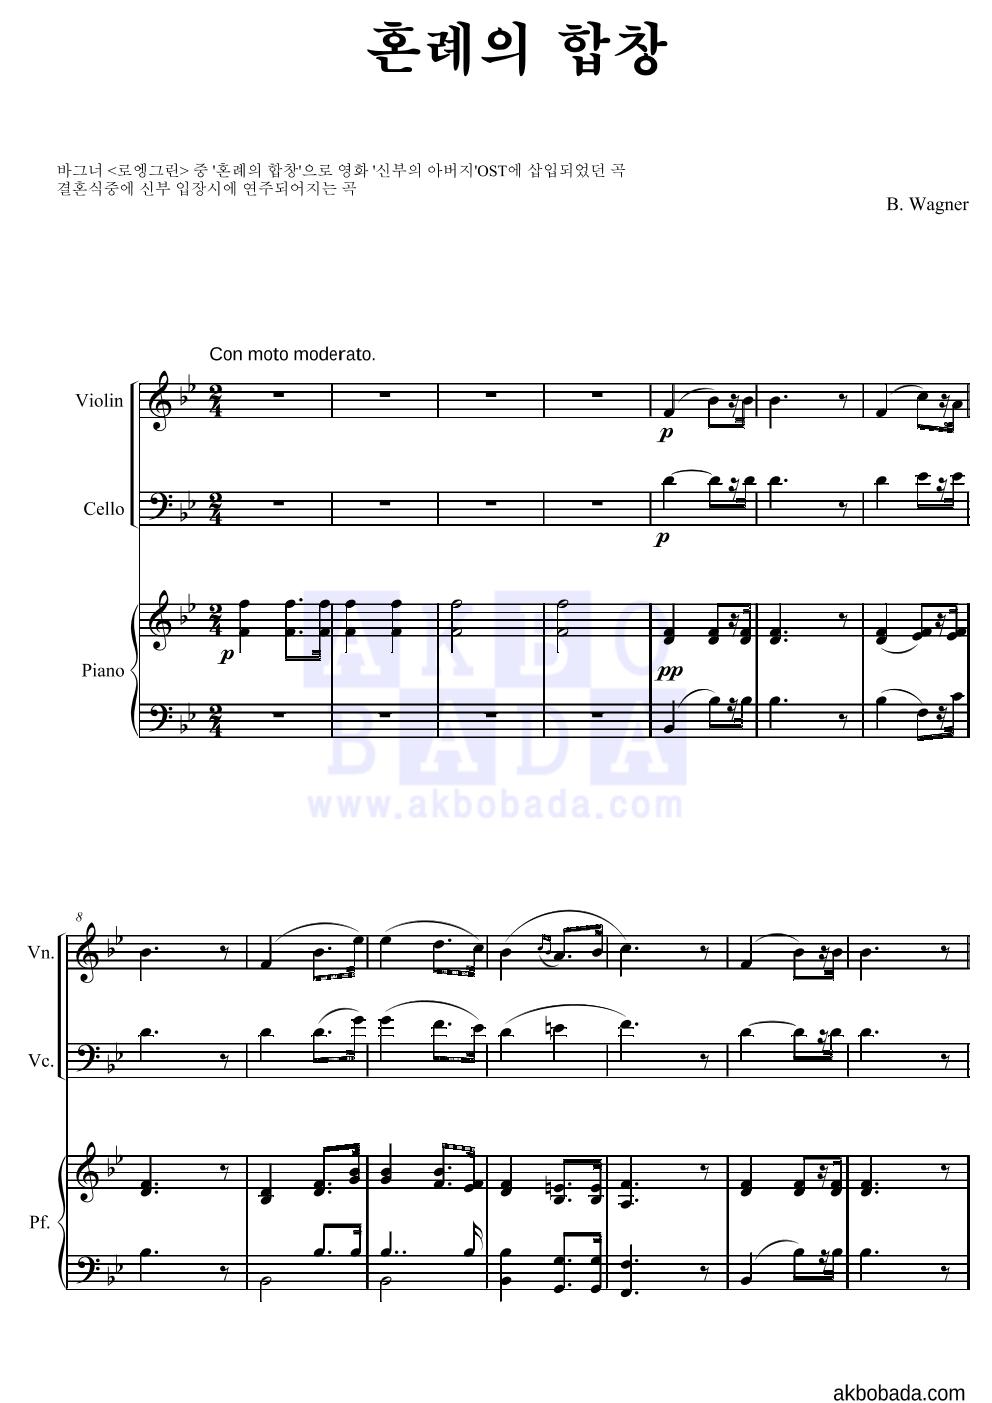 바그너 - 혼례의 합창 (결혼행진곡) 피아노3중주 악보